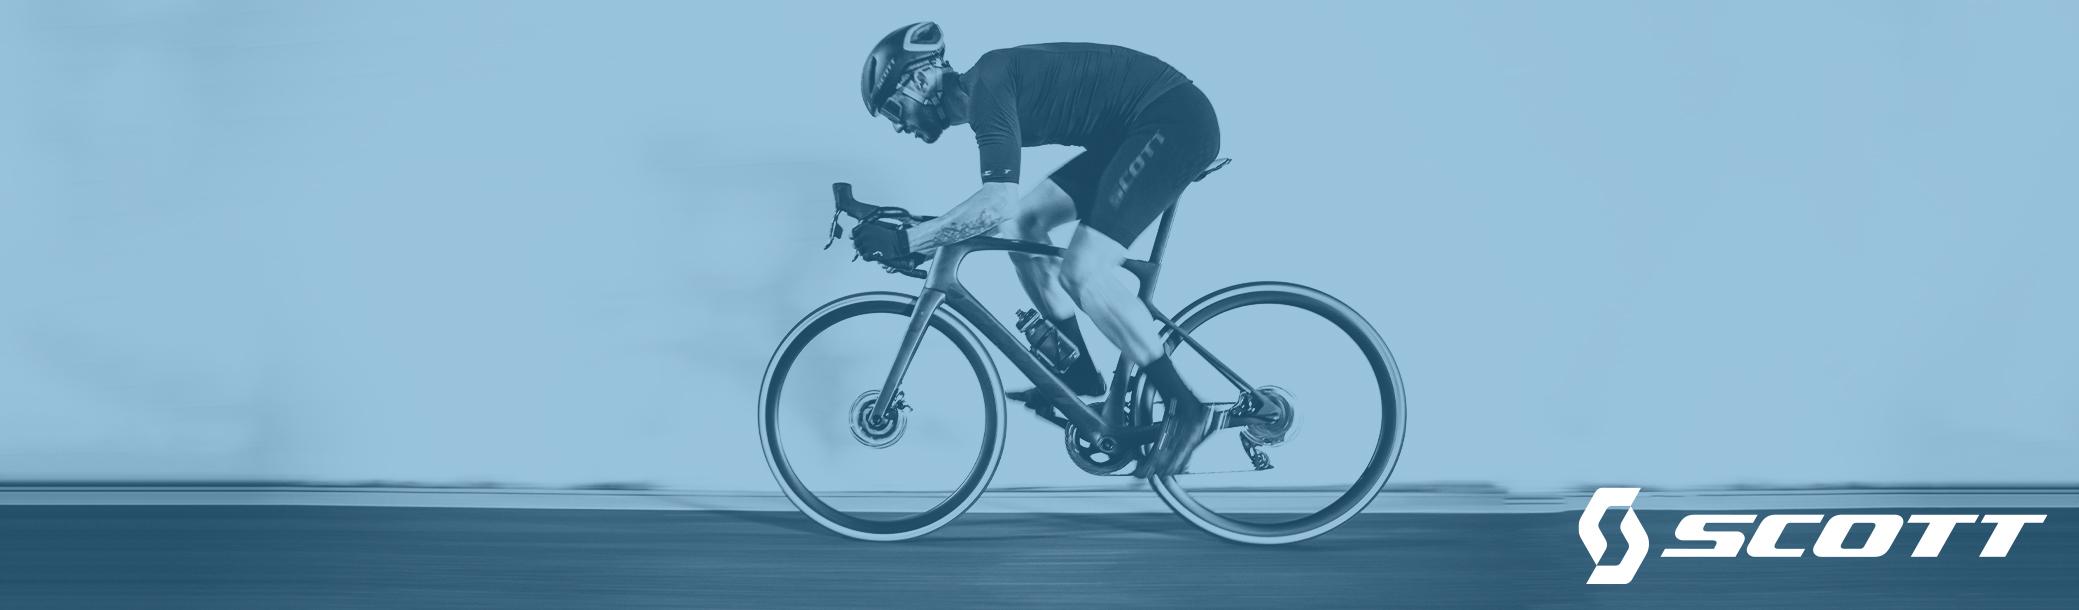 new scott bikes 2021